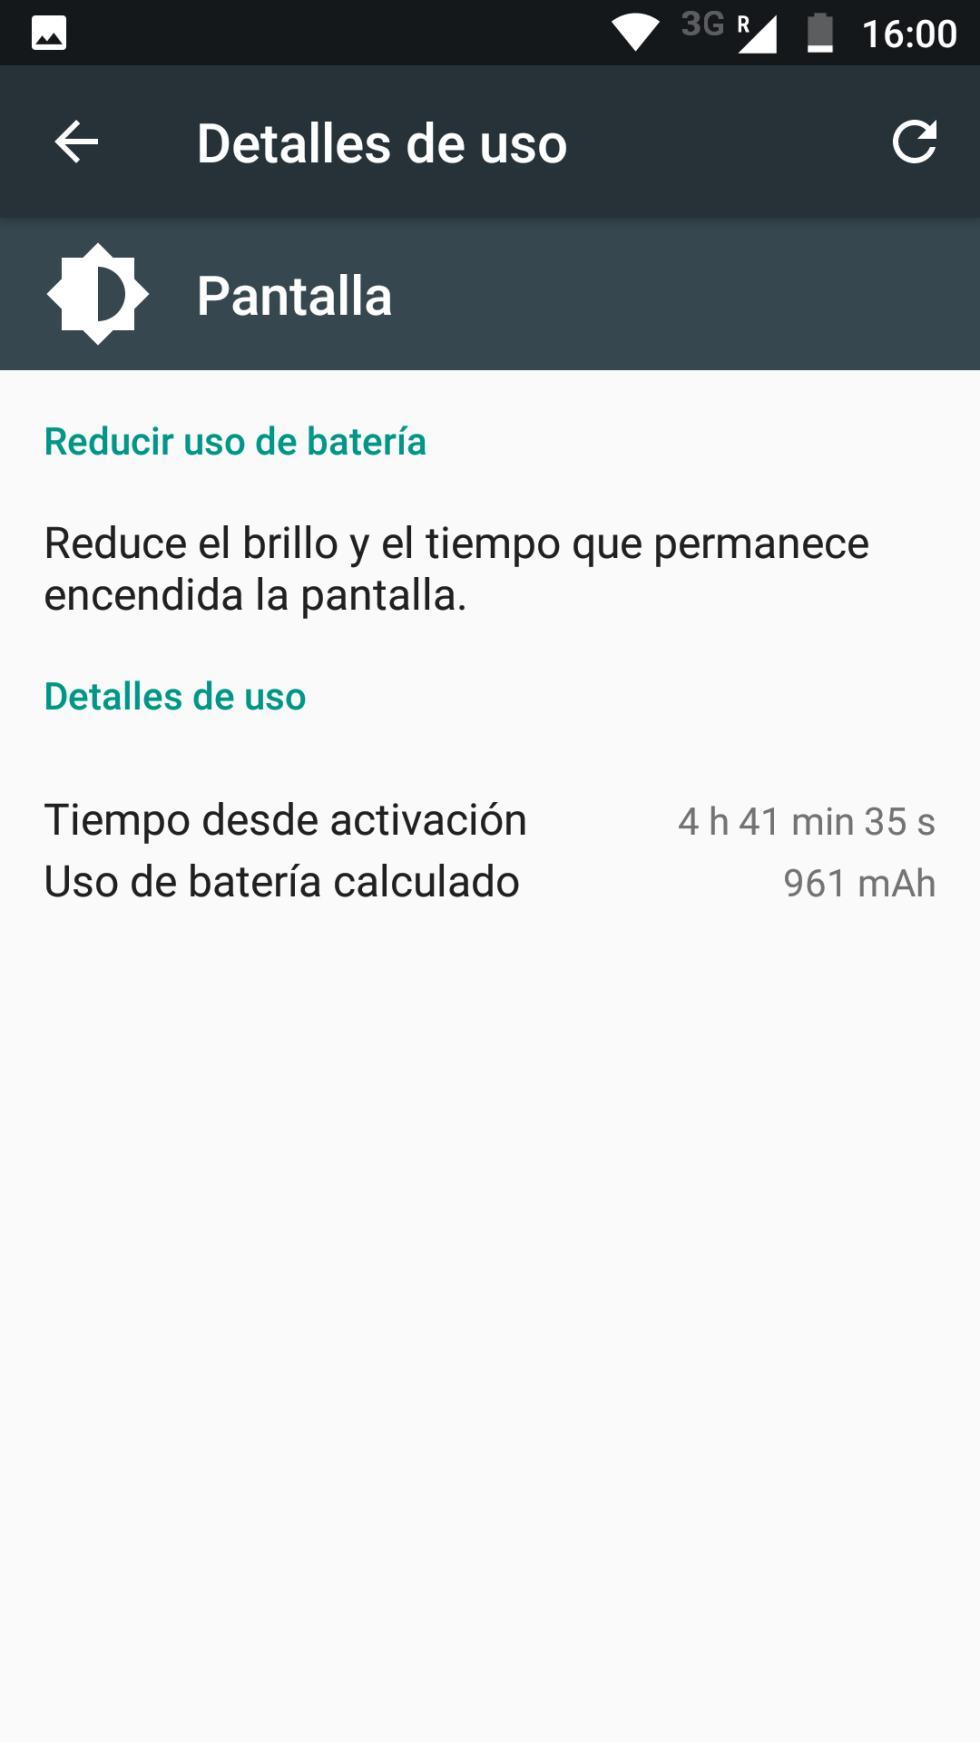 Batería del Moto G5 Plus: consumo, autonomía y opciones de ahorro